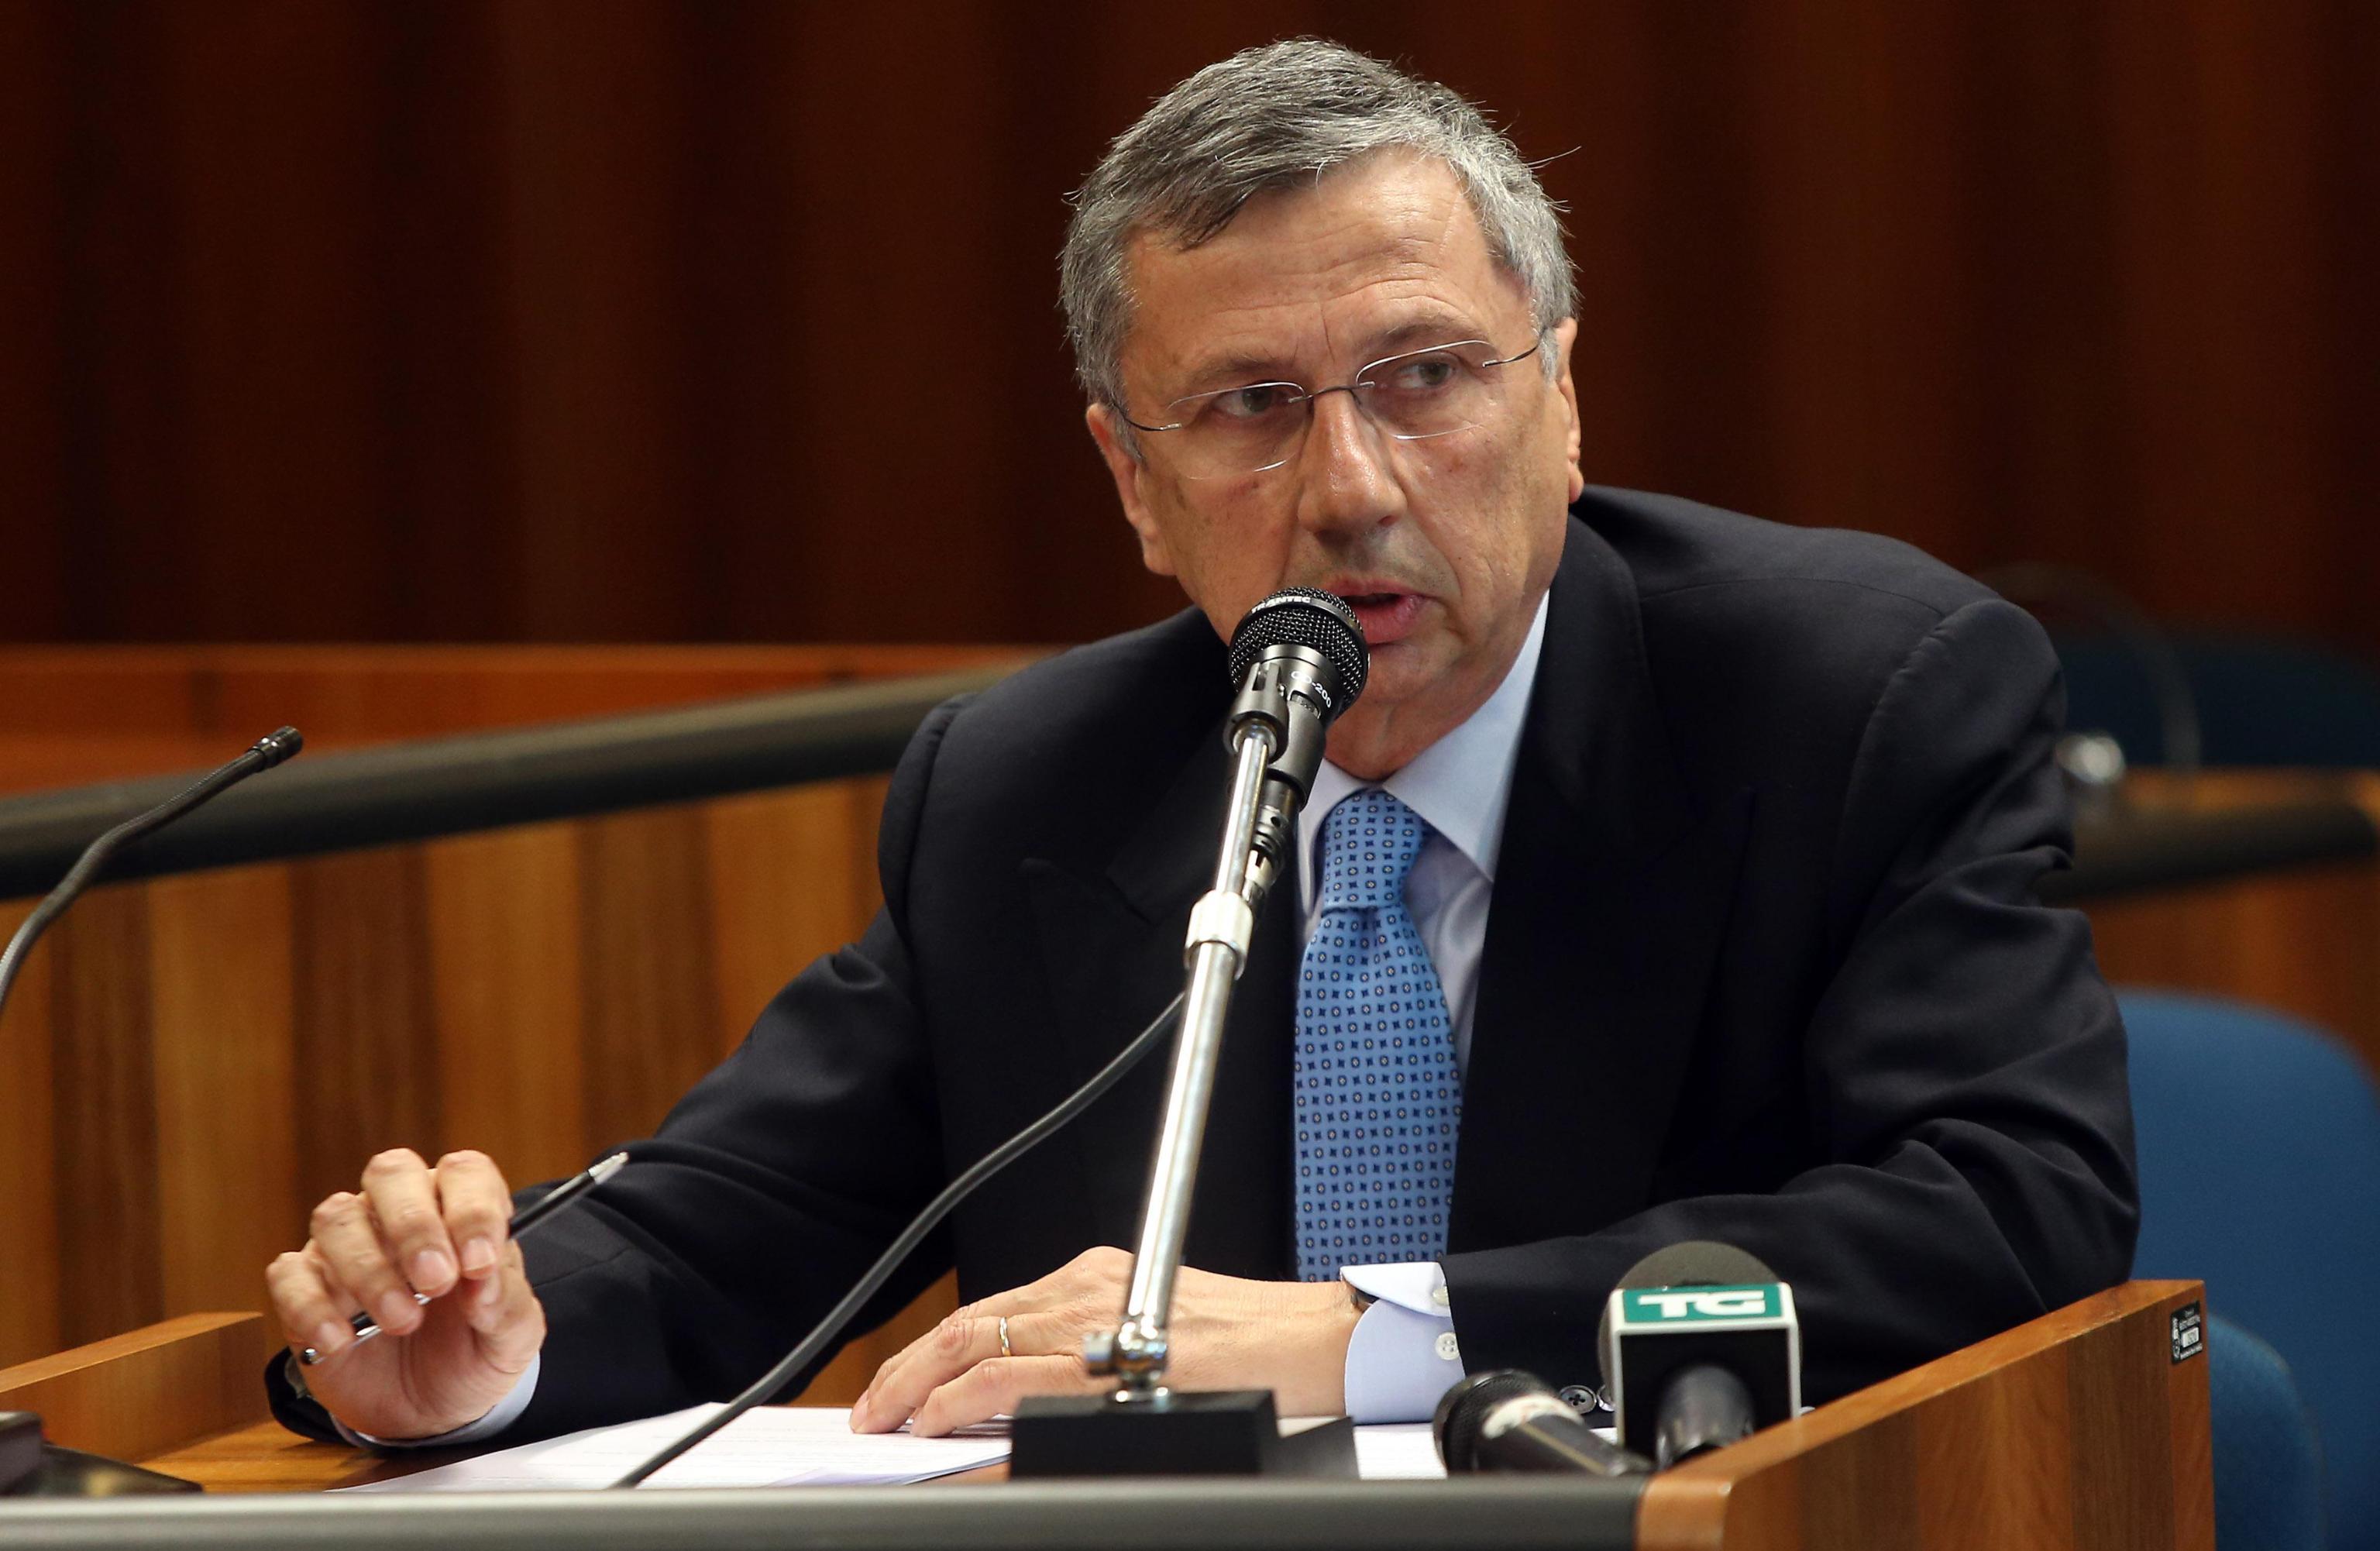 Finmeccanica: assolto ex presidente Orsi